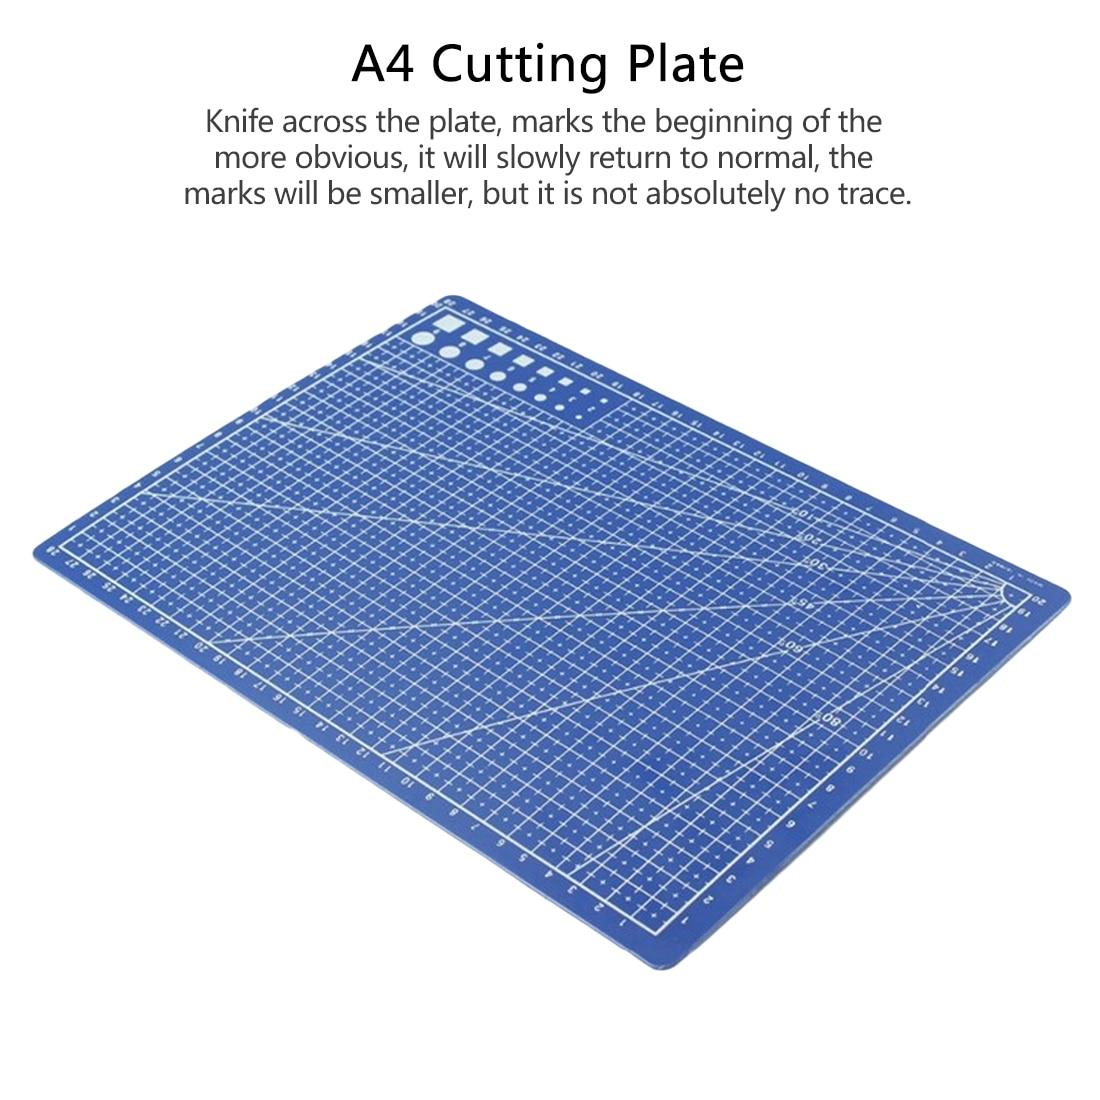 [해외]1 pc a4 30*22 cm 바느질 커팅 매트 양면 플레이트 디자인 조각 커팅 보드 매트 수제 핸드 툴/1 pc a4 30*22 cm 바느질 커팅 매트 양면 플레이트 디자인 조각 커팅 보드 매트 수제 핸드 툴